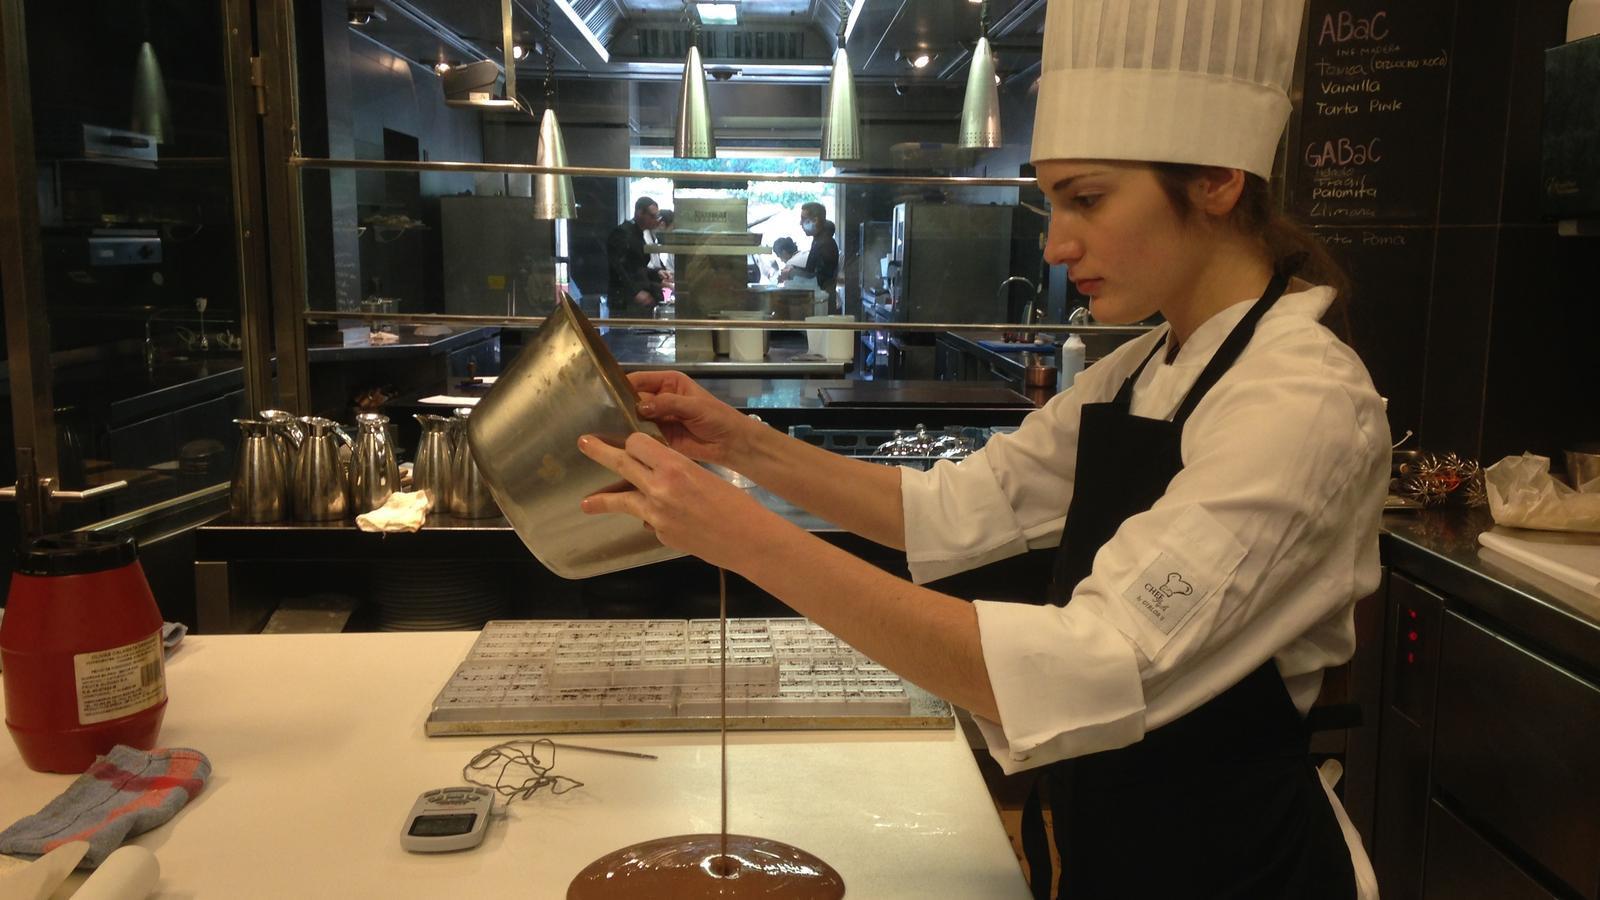 Carla Peyrón en el moment de temperar la xocolata